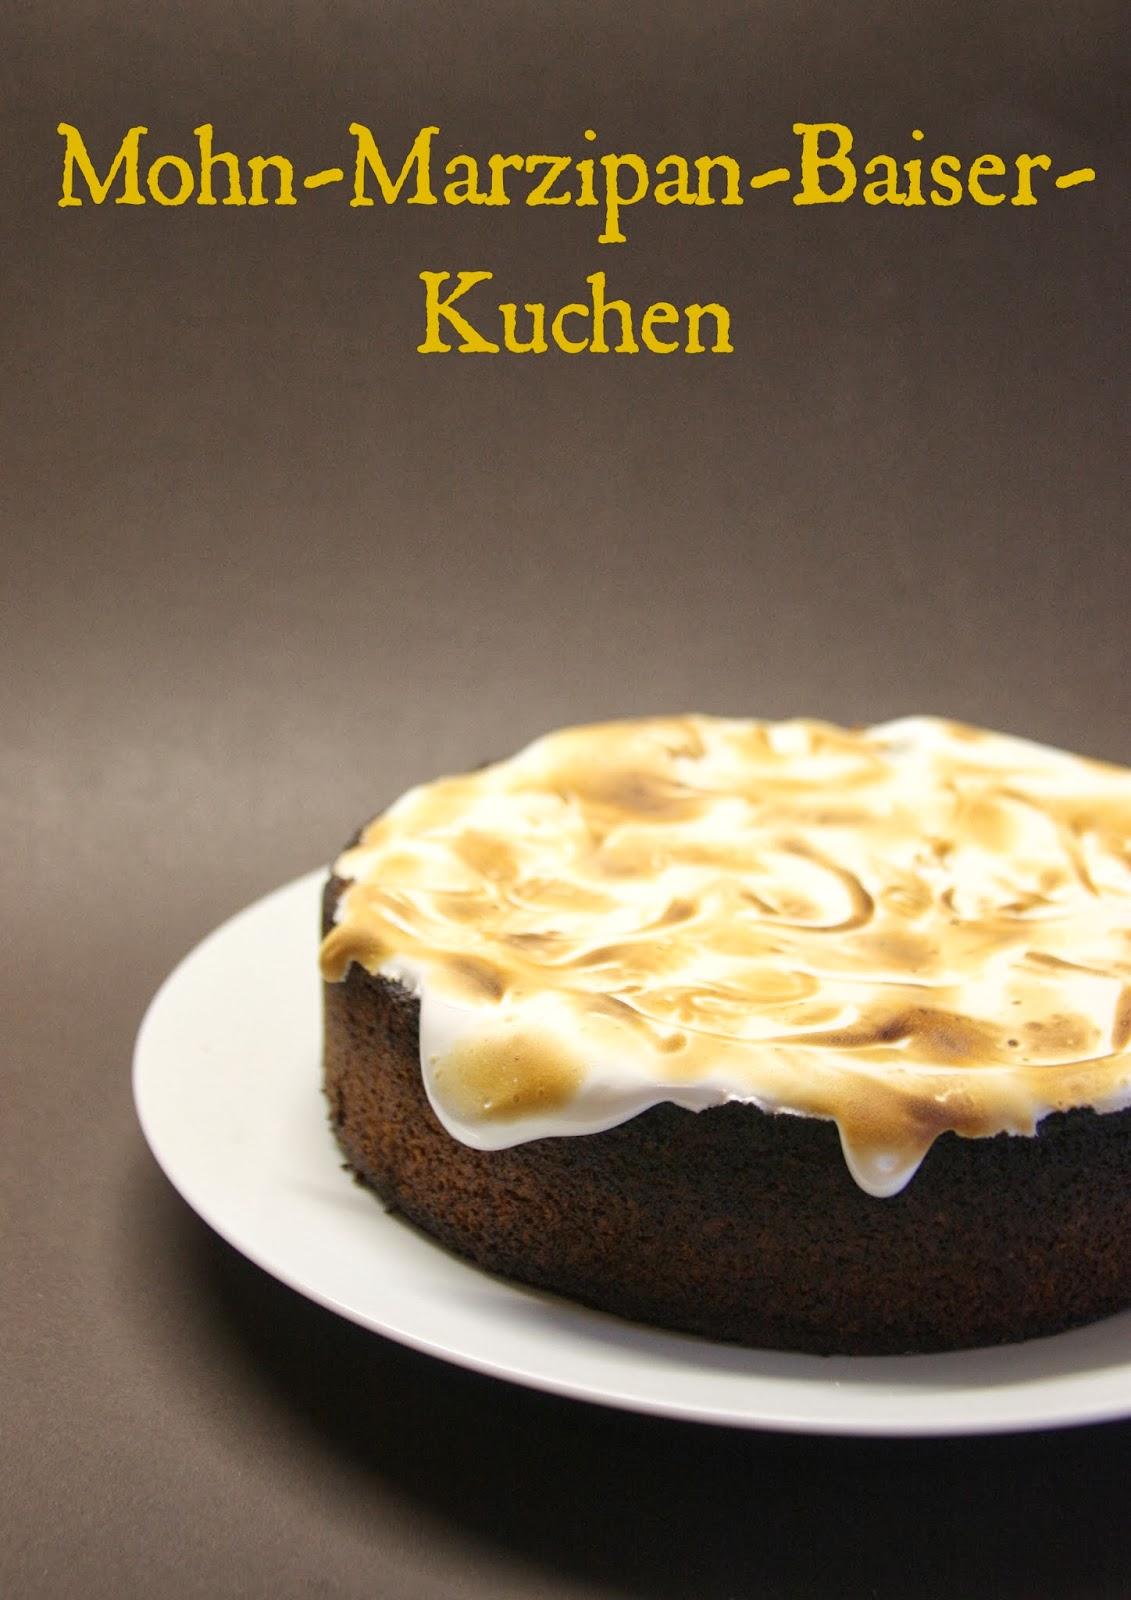 Oh Mimmi Sonntags Mohn Marzipan Baiser Kuchen